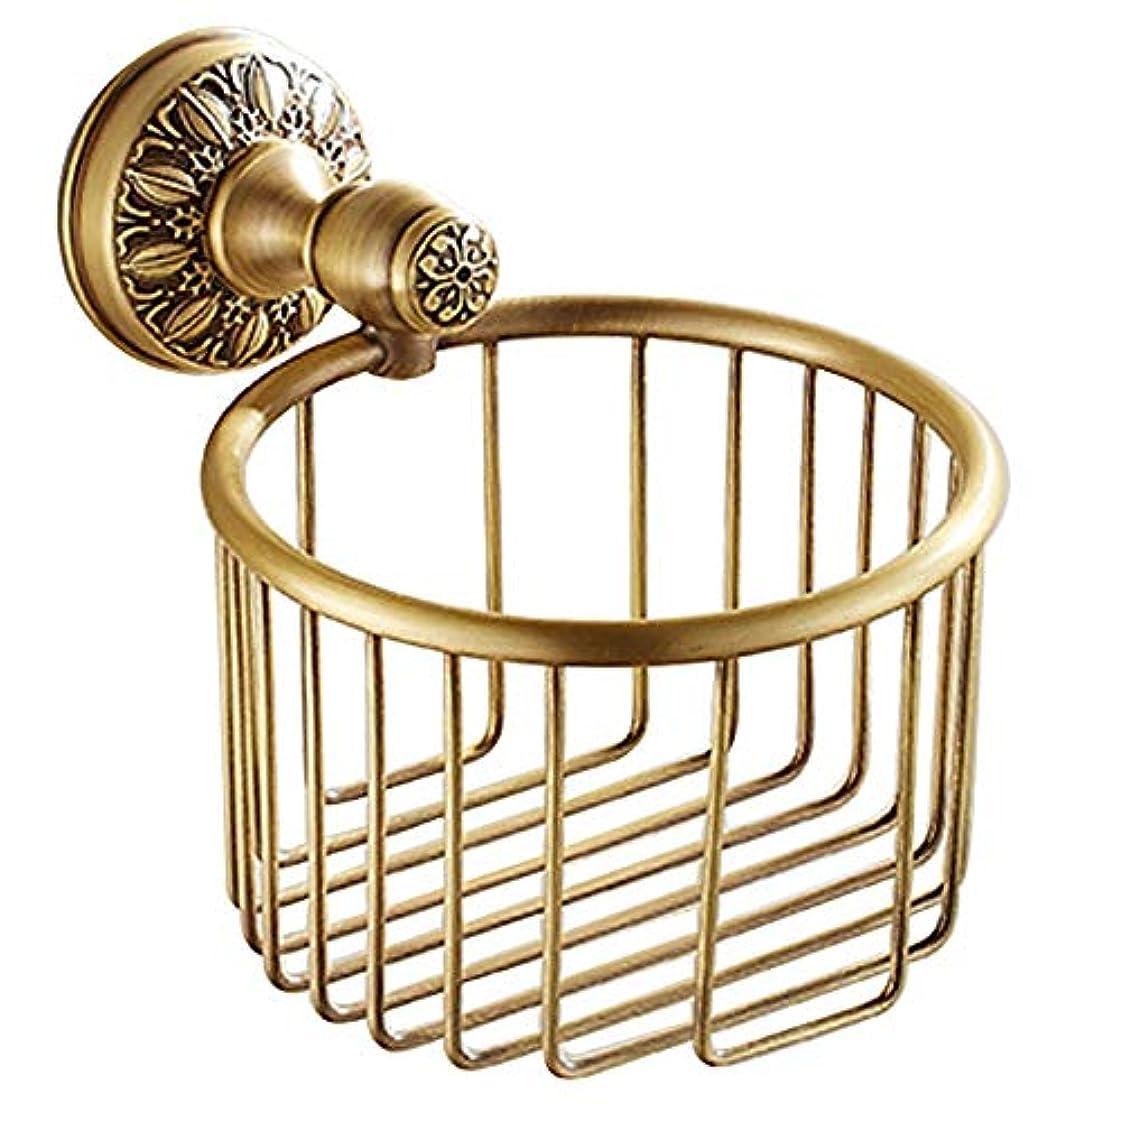 パウダー遊具スカウトZZLX 紙タオルホルダー、ヨーロッパスタイルのフル銅模倣アンティークバスルームトイレットペーパータオルホルダー ロングハンドル風呂ブラシ